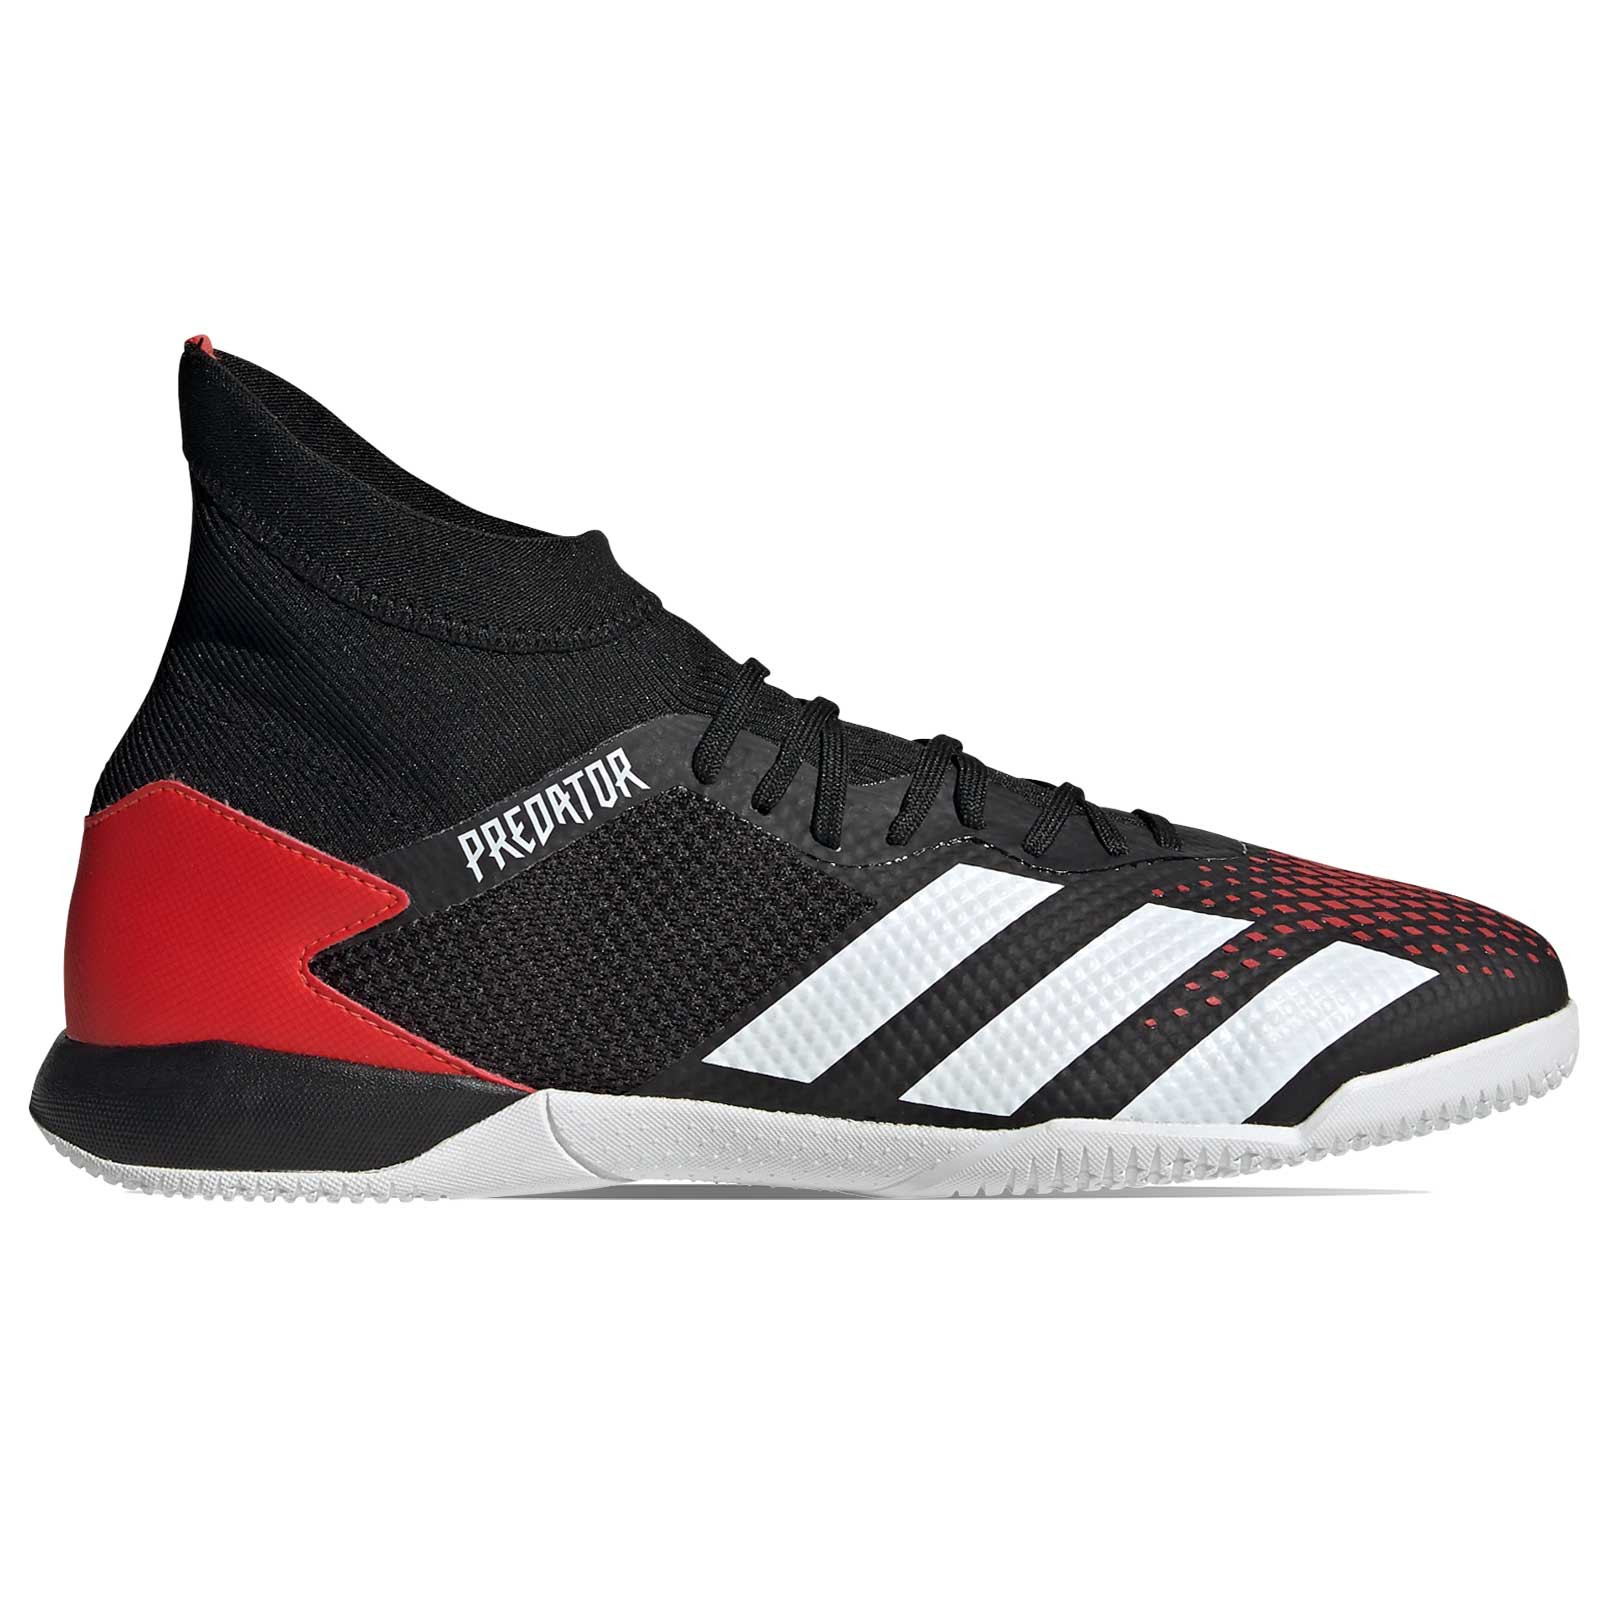 Decano De este modo Seminario  Zapatillas adidas Predator 20.3 IN rojo negro |futbolmania